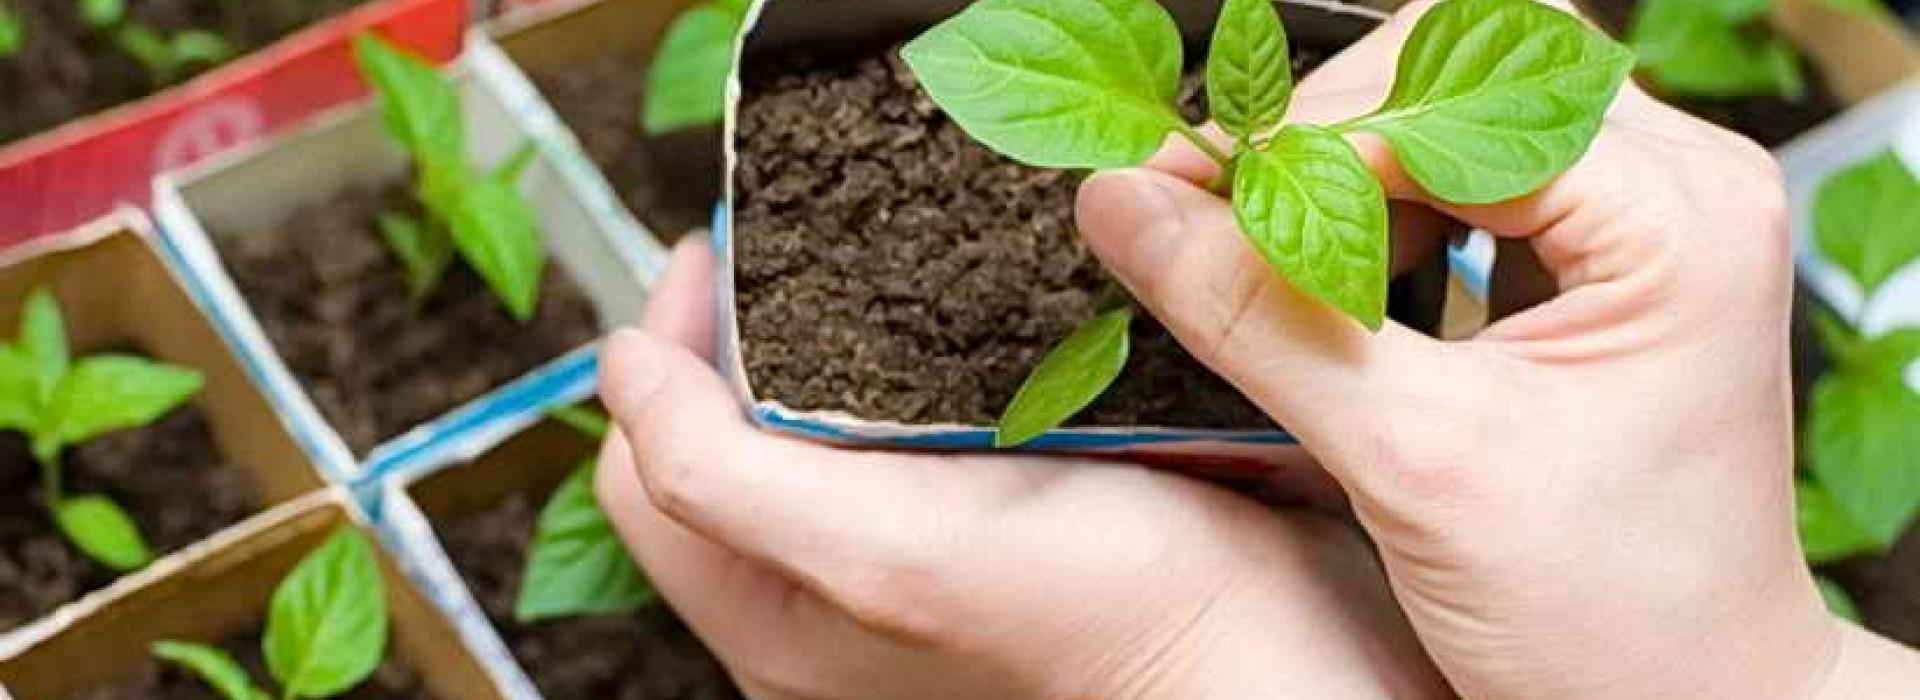 Януари - засаждане и размножаване на растения